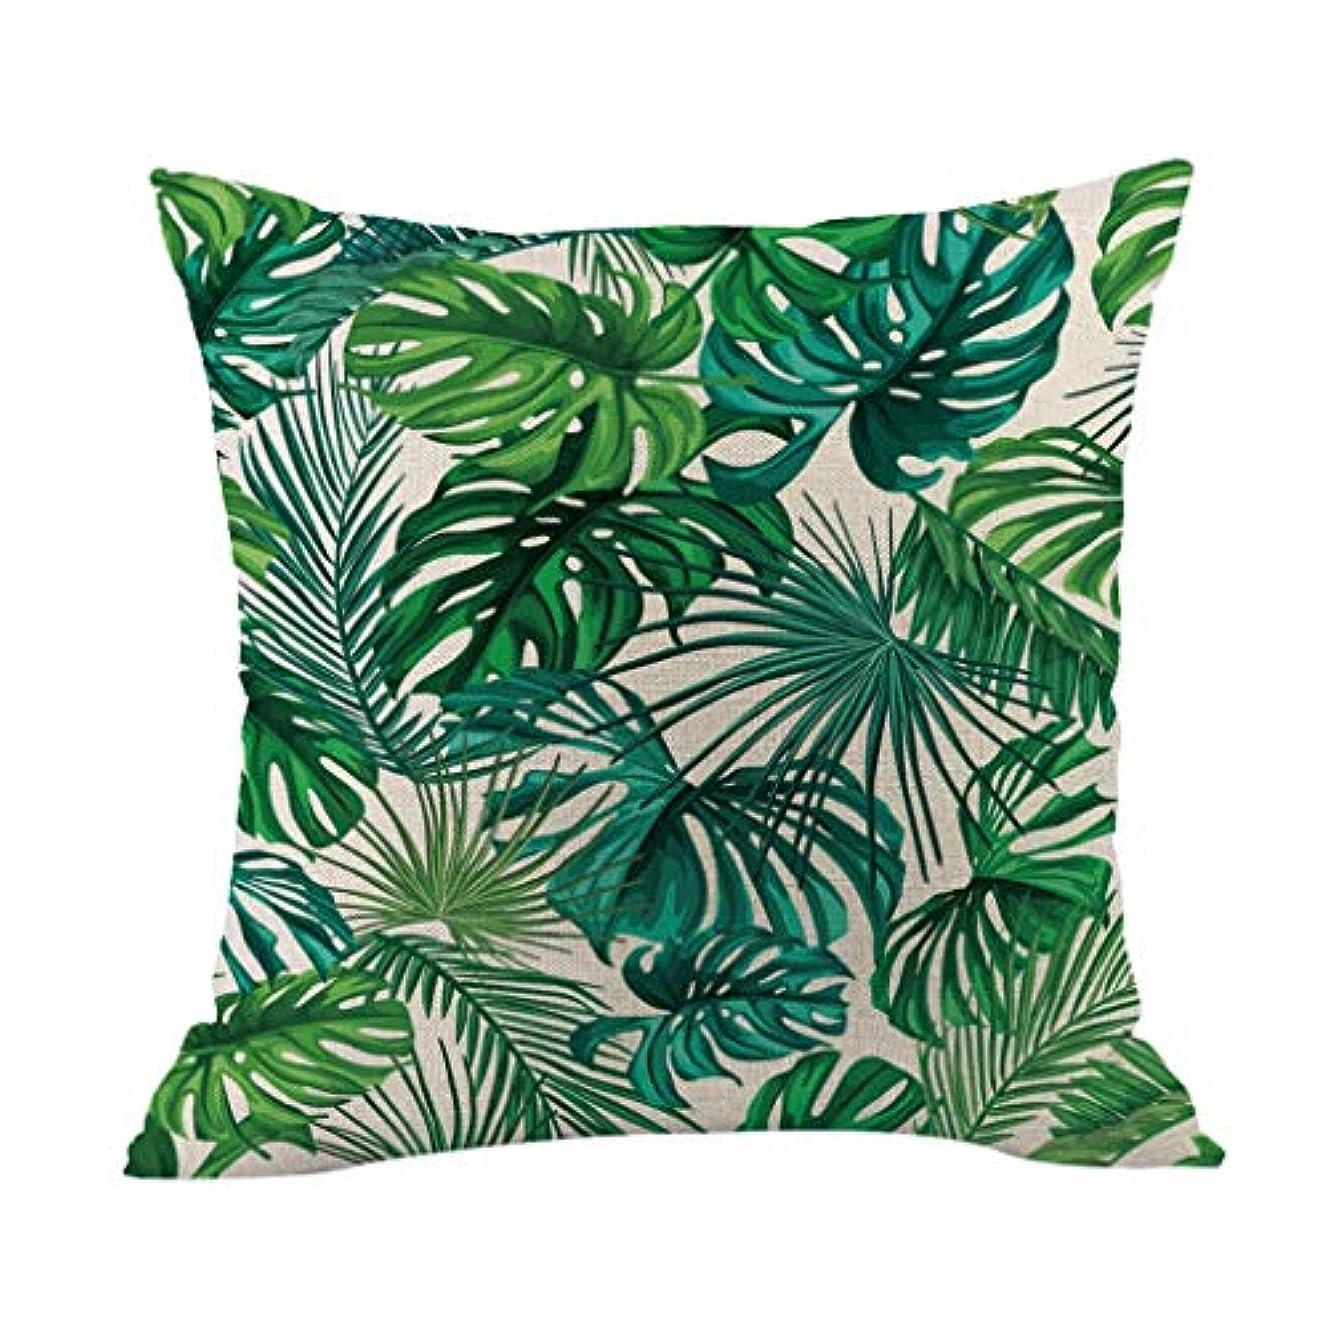 汚れたバタフライアンビエントLIFE 高品質クッション熱帯植物ポリエステル枕ソファ投げるパッドセットホーム人格クッション coussin decoratif クッション 椅子